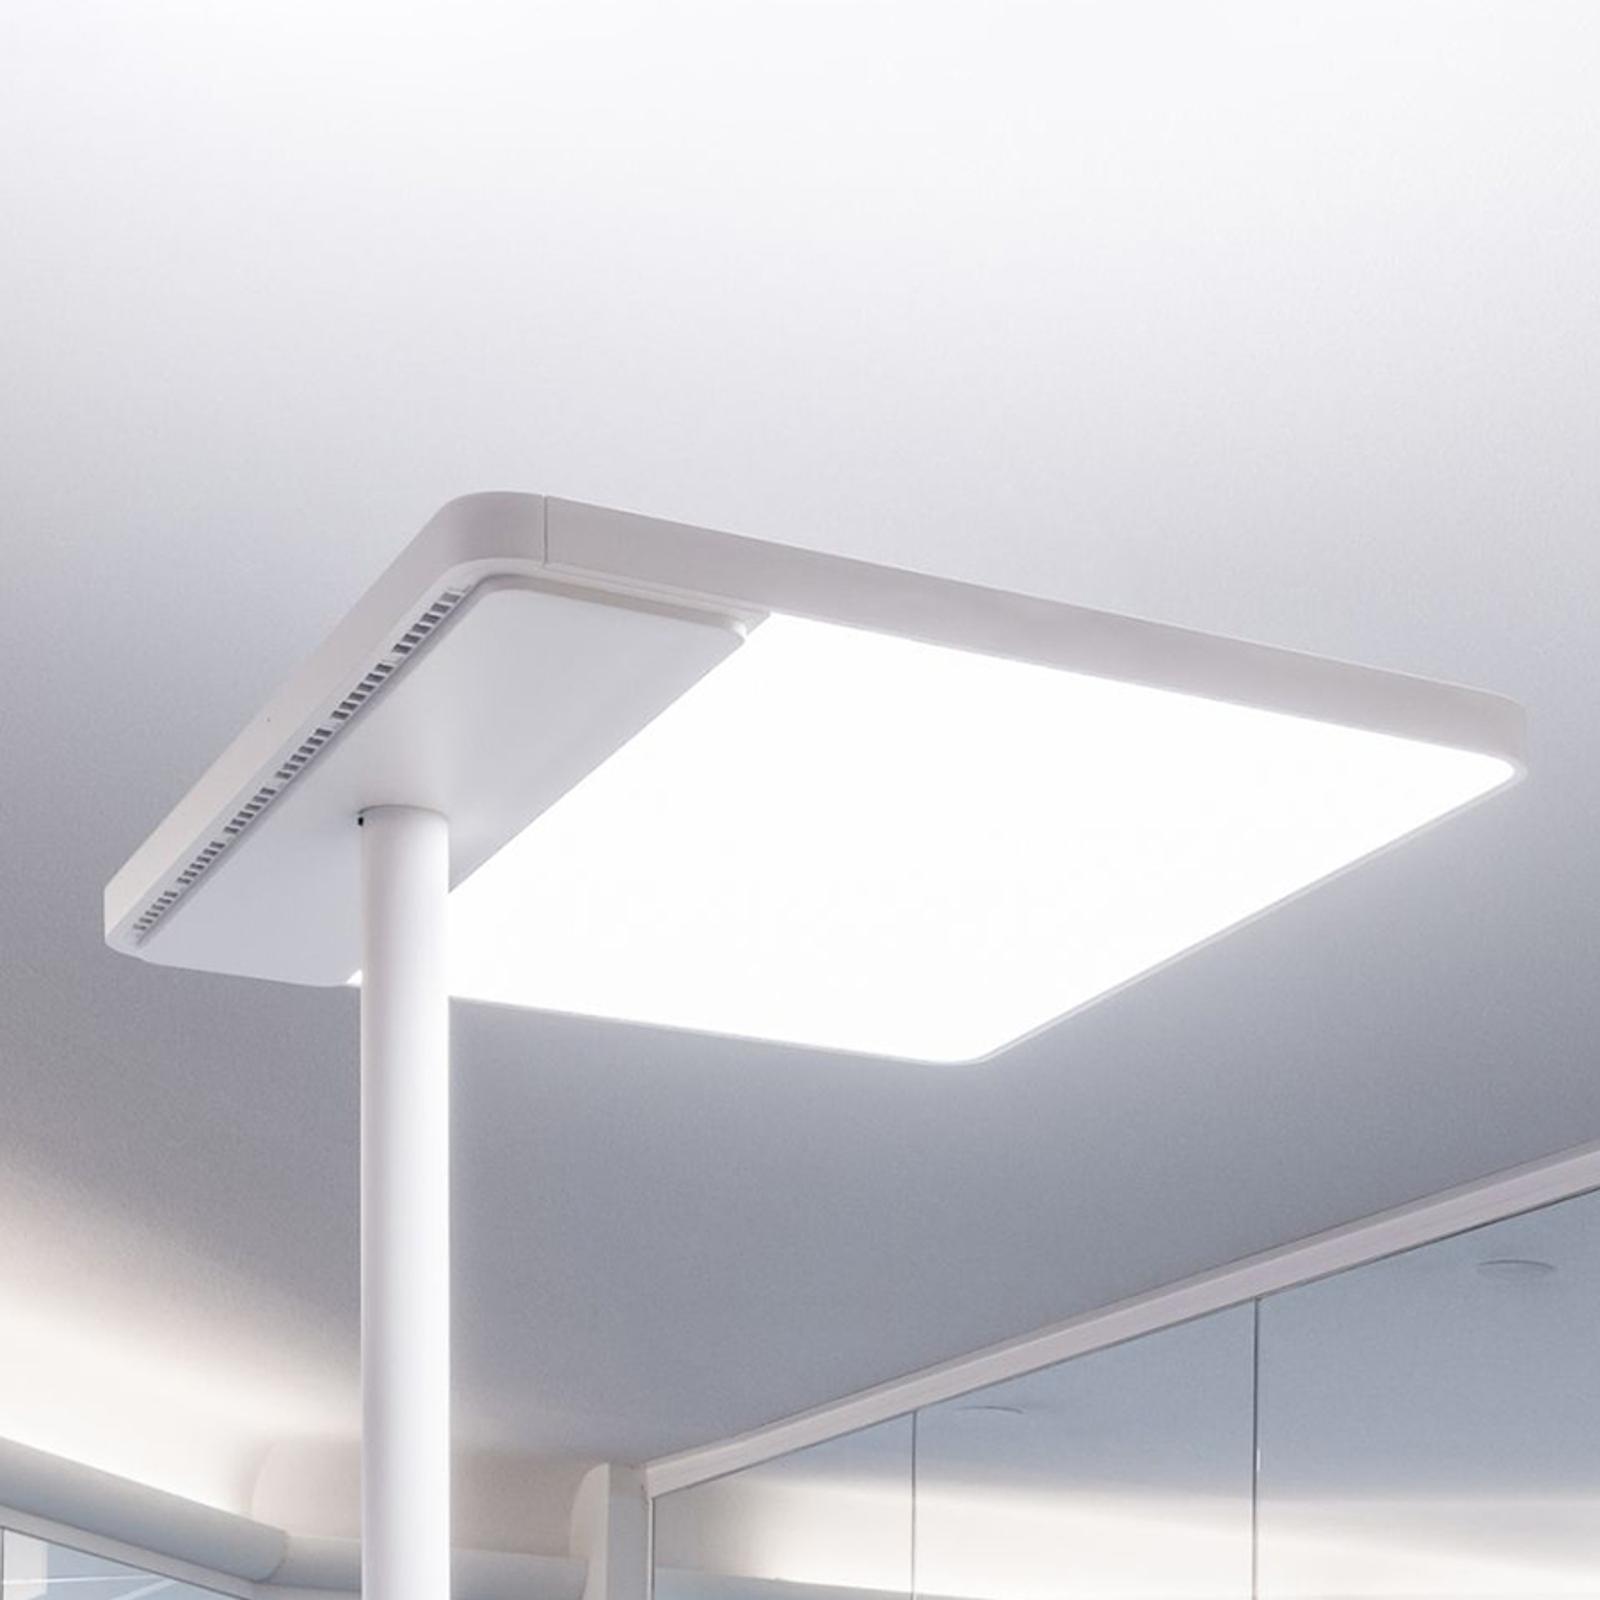 Toimiston LED-lattiavalaisin Linea-F himmentimellä